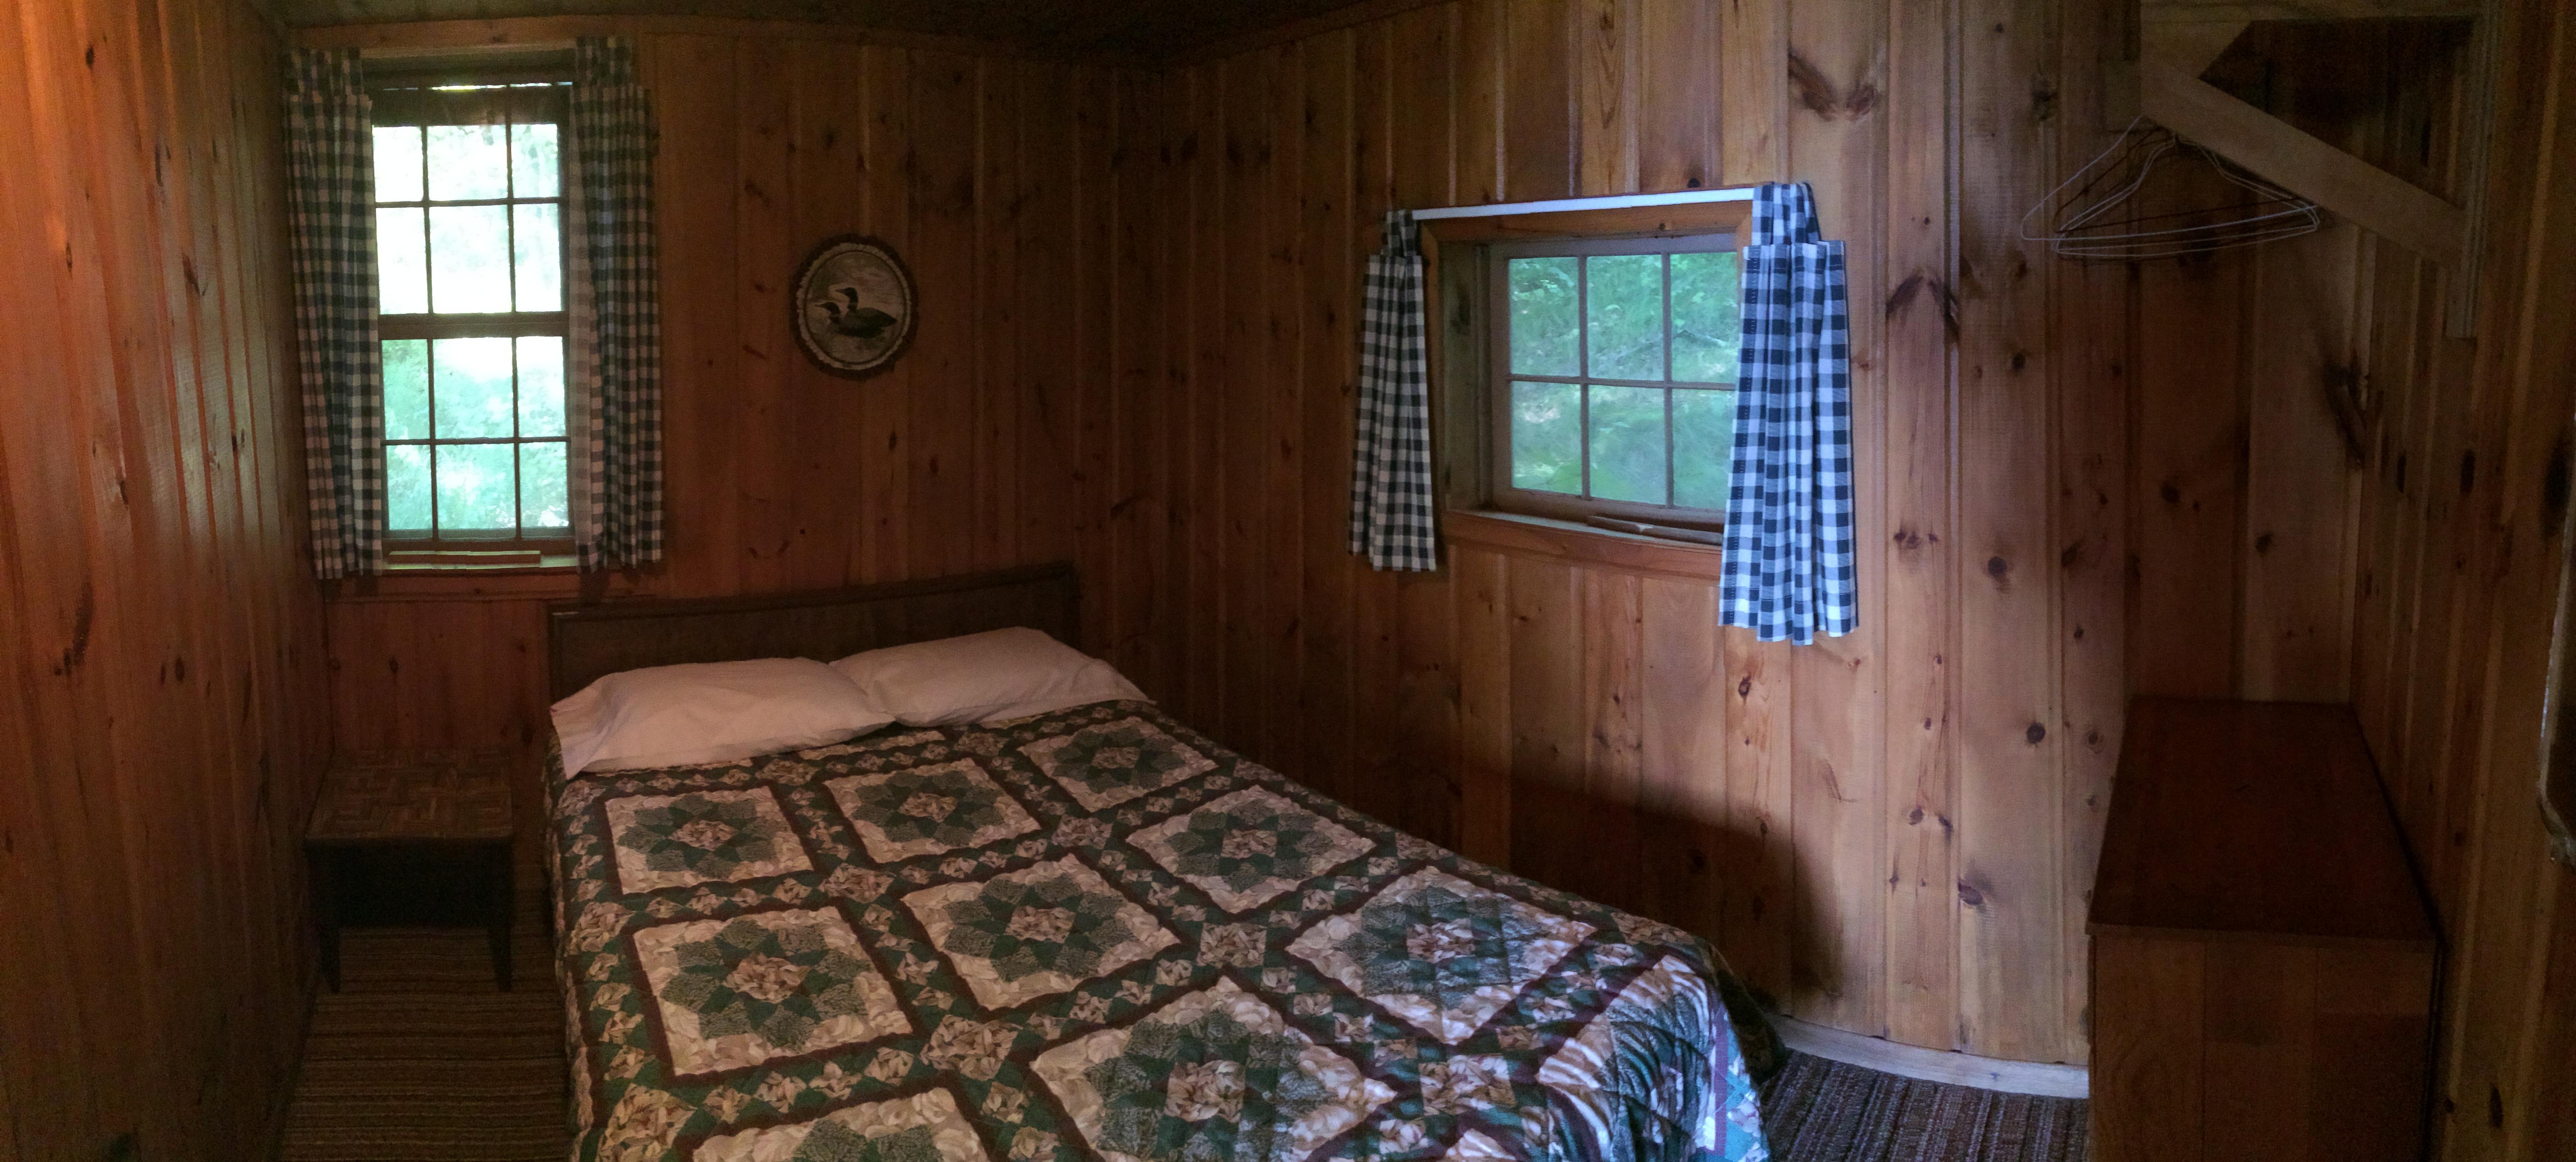 1 l bed